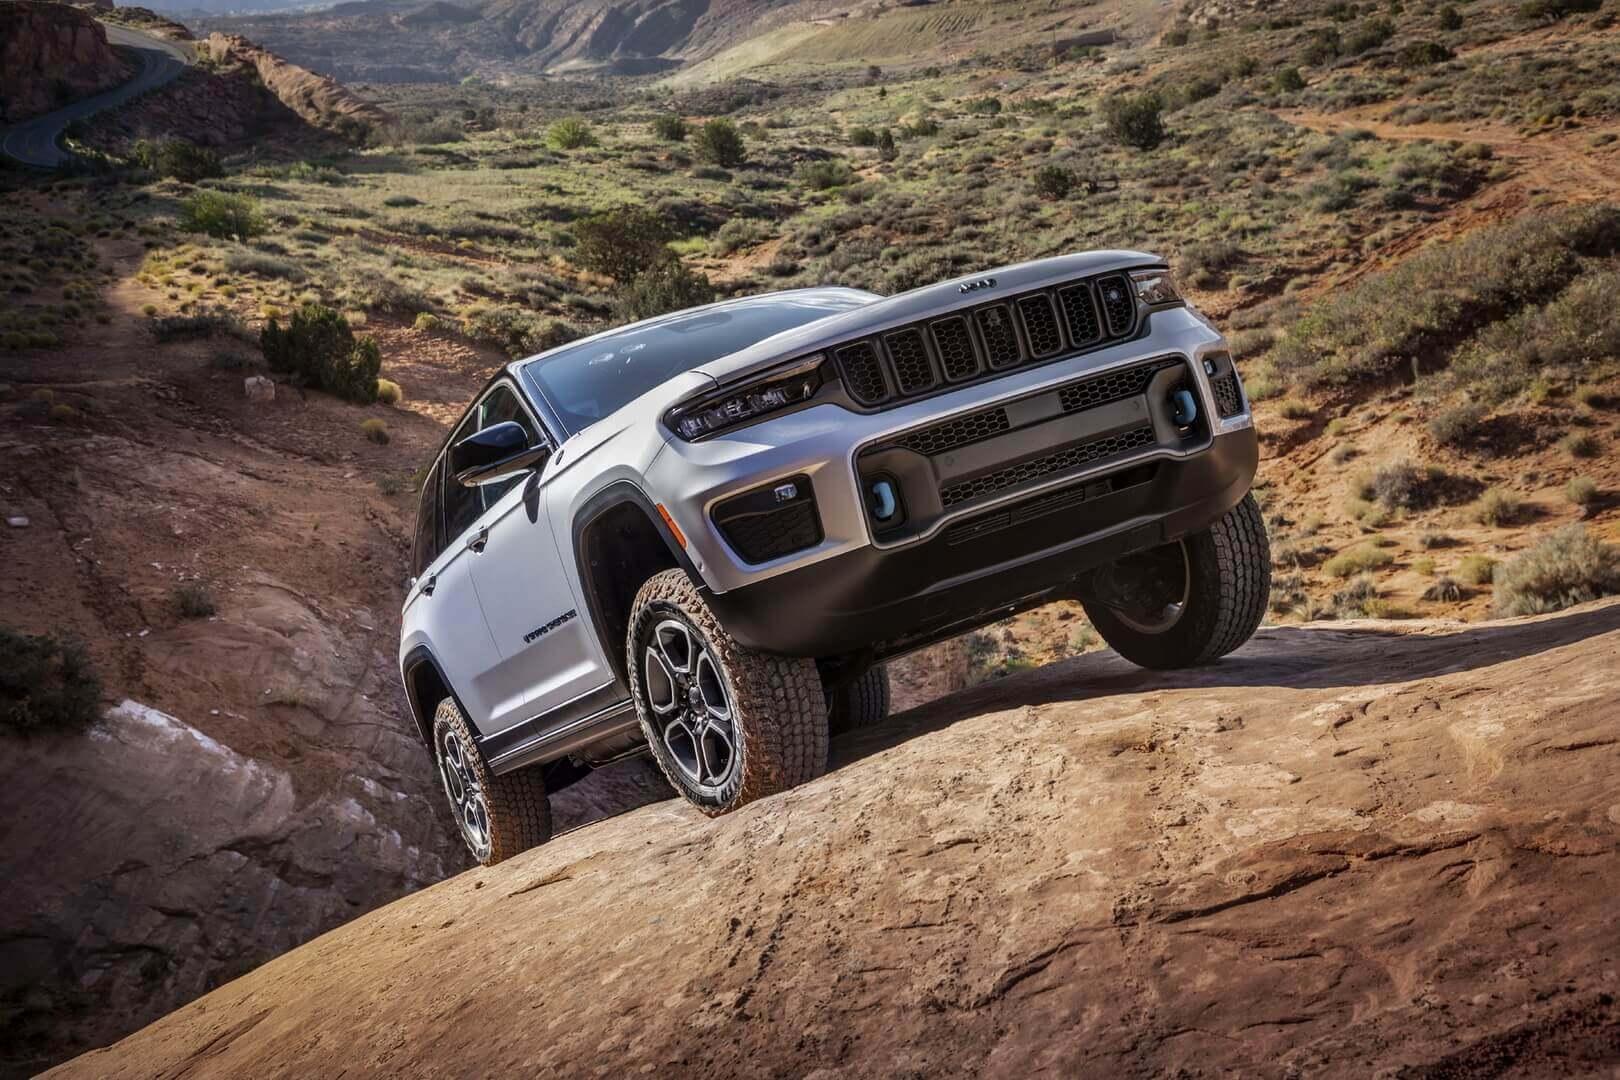 Плагин-гибрид Jeep Grand Cherokee Trailhawk 4xe